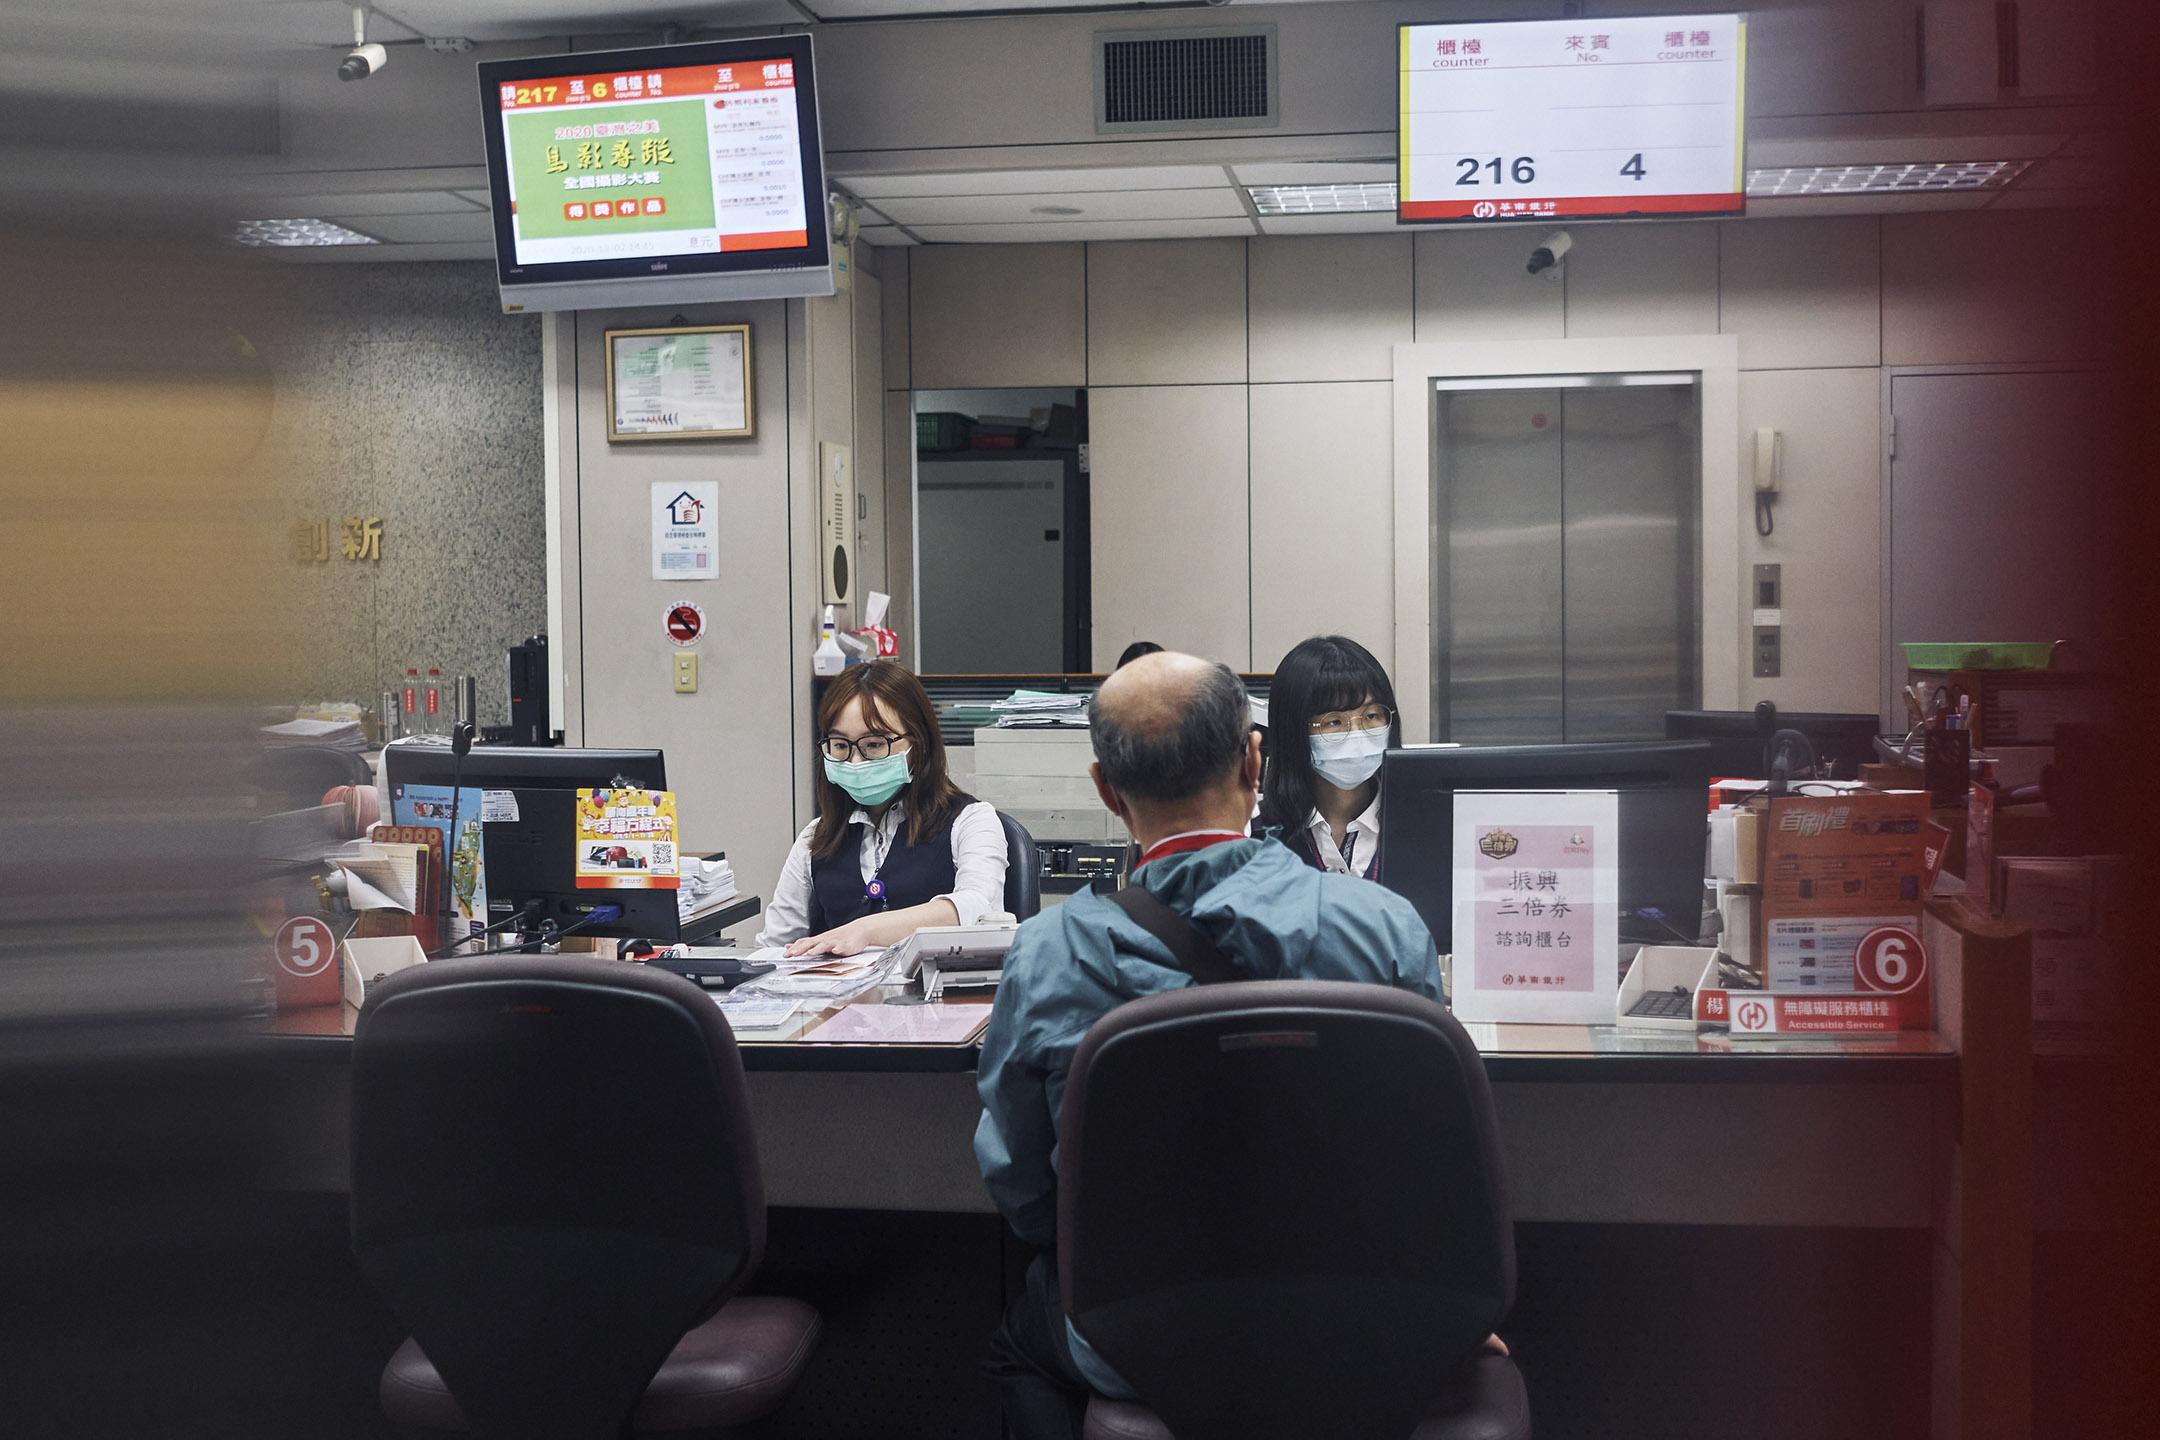 2020年12月2日台灣台北,銀行櫃員戴著口罩為客戶提供服務。